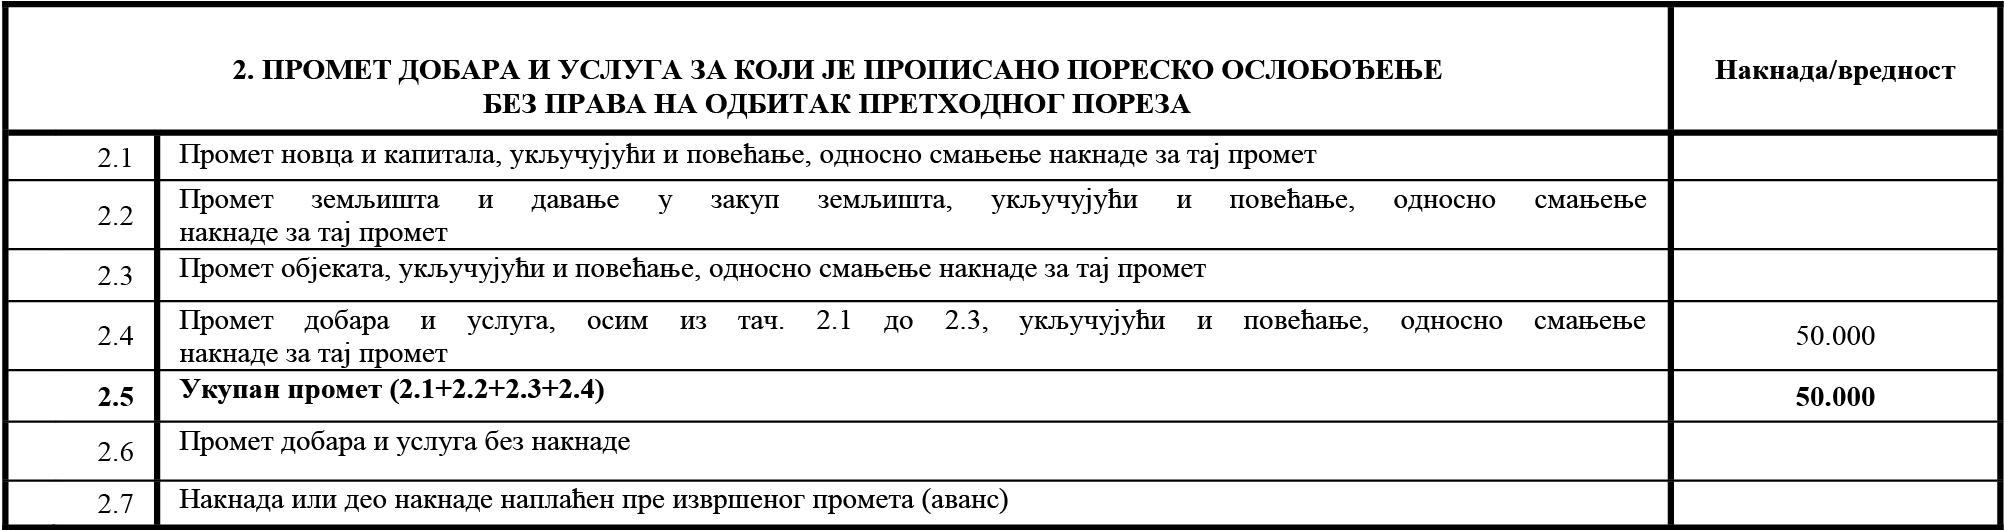 uputstvo PU obrazac POPDV primer 40